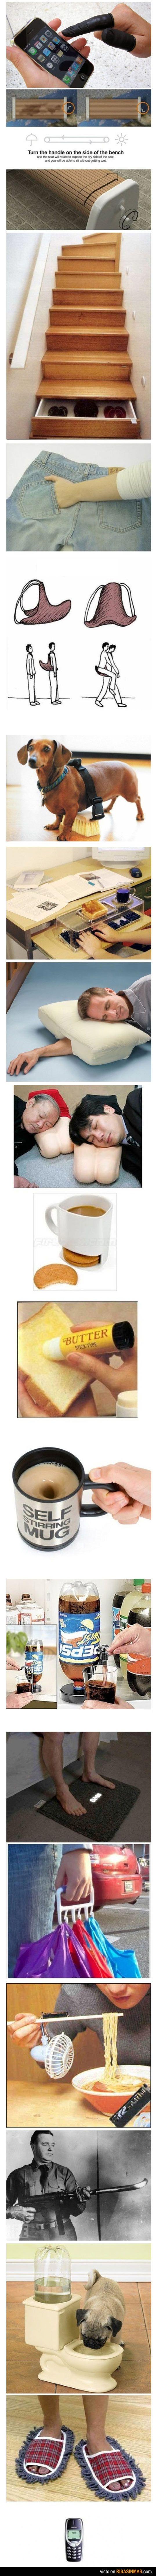 Los mejores inventos del mundo.